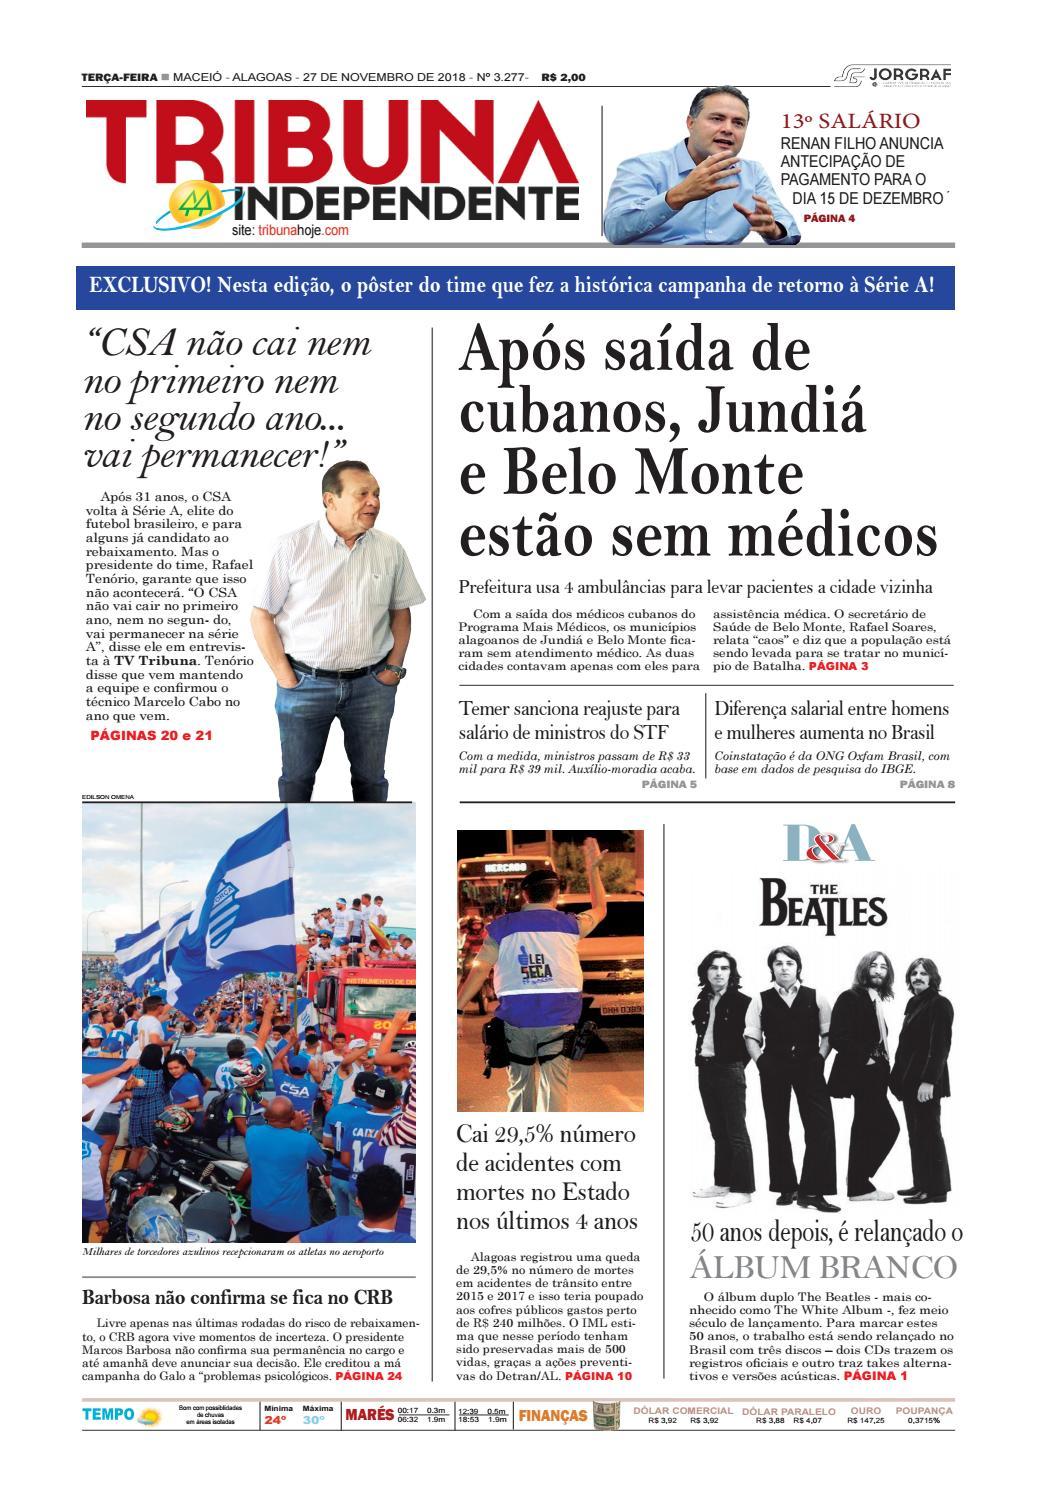 de939562056 Edição número 3277 - 27 de novembro de 2018 by Tribuna Hoje - issuu